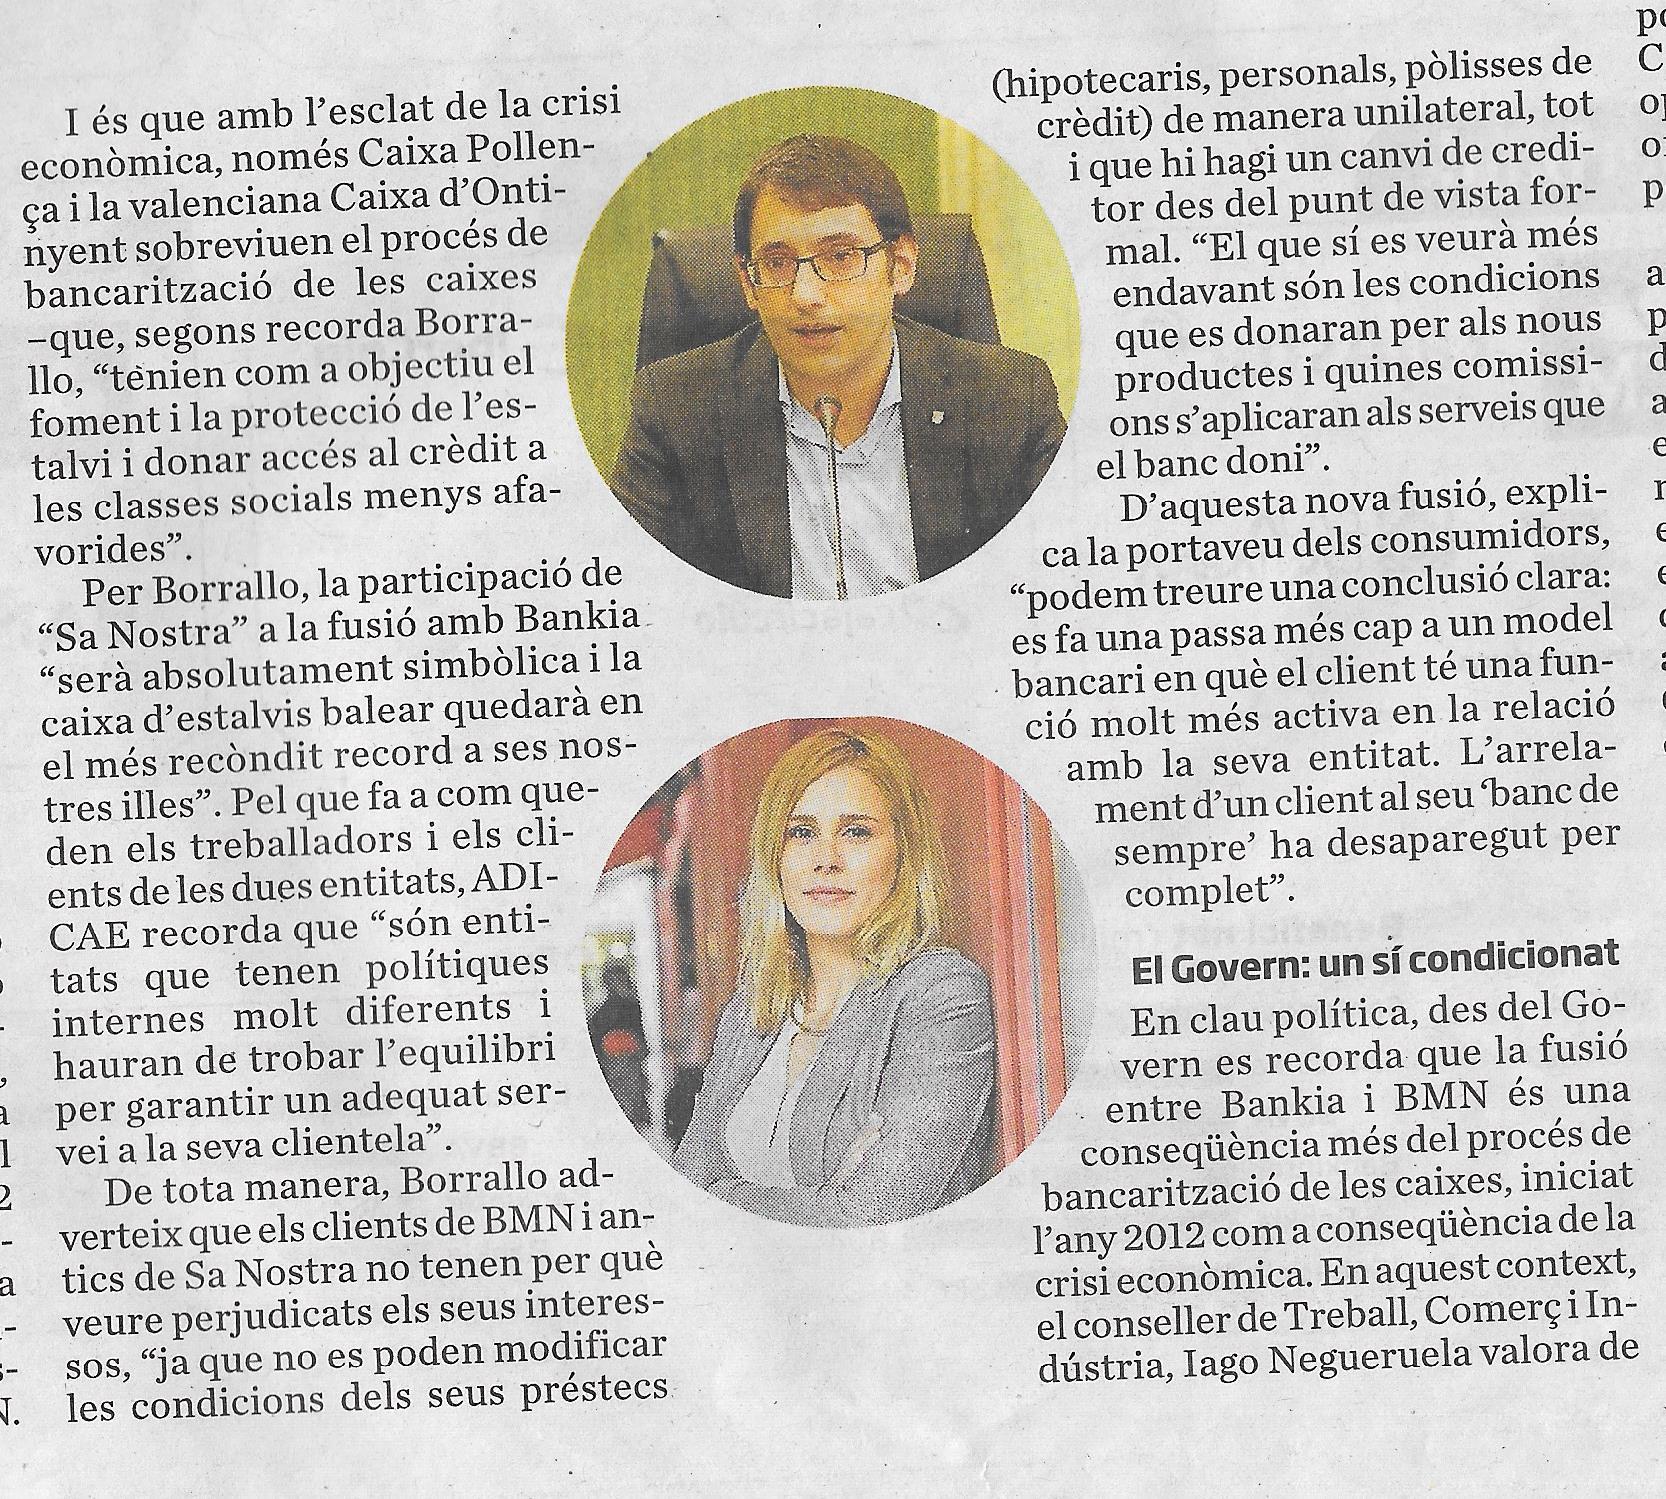 Fragment d'article a l'Ara Balears sobre Sa Nostra amb declaracions de Cristina Borrallo.